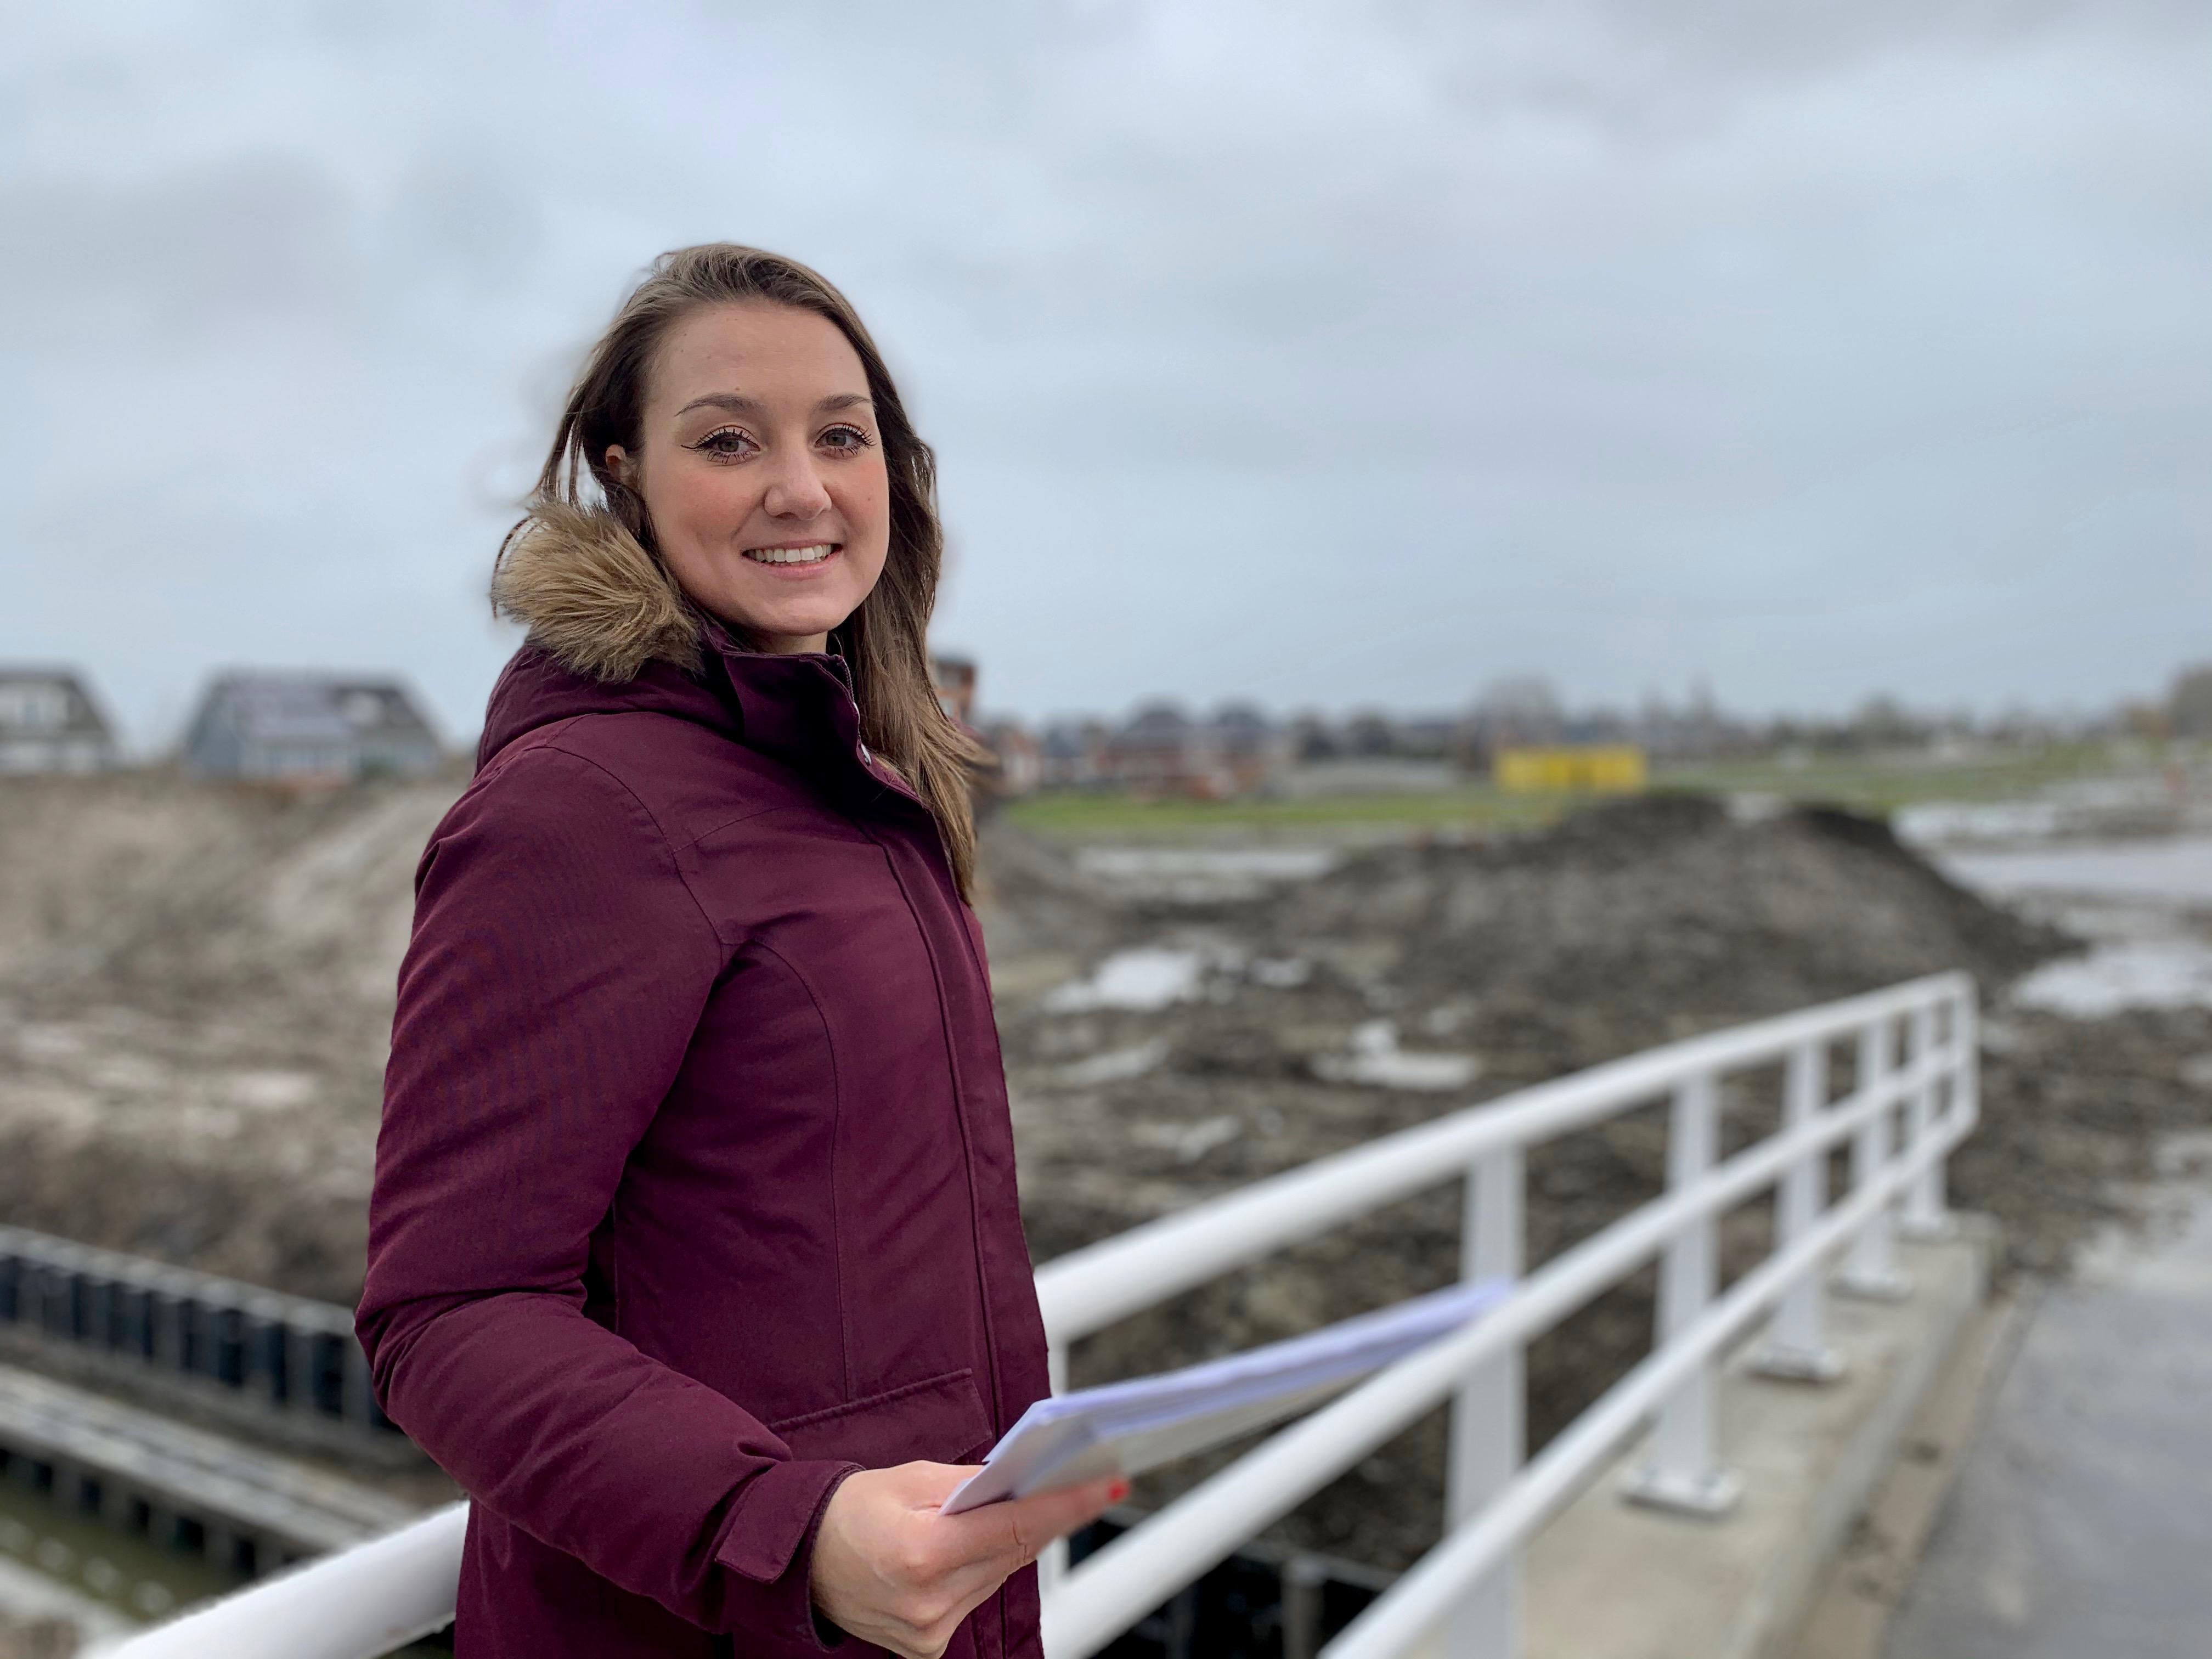 Archeoloog Maaike speurt naar verhalen over wijk Reigersborg in Hoogkarspel